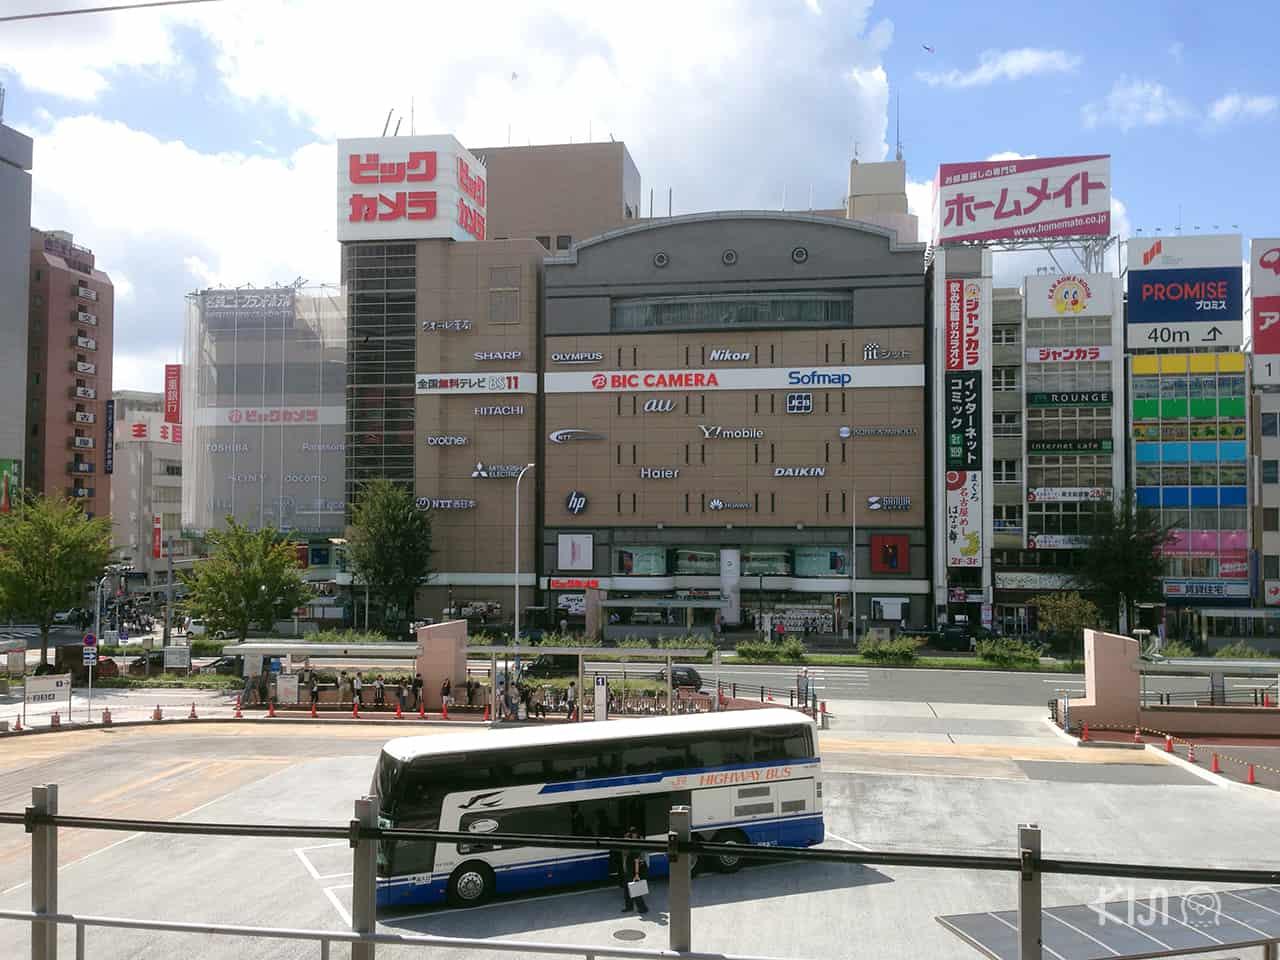 Bic camera Nagoya station